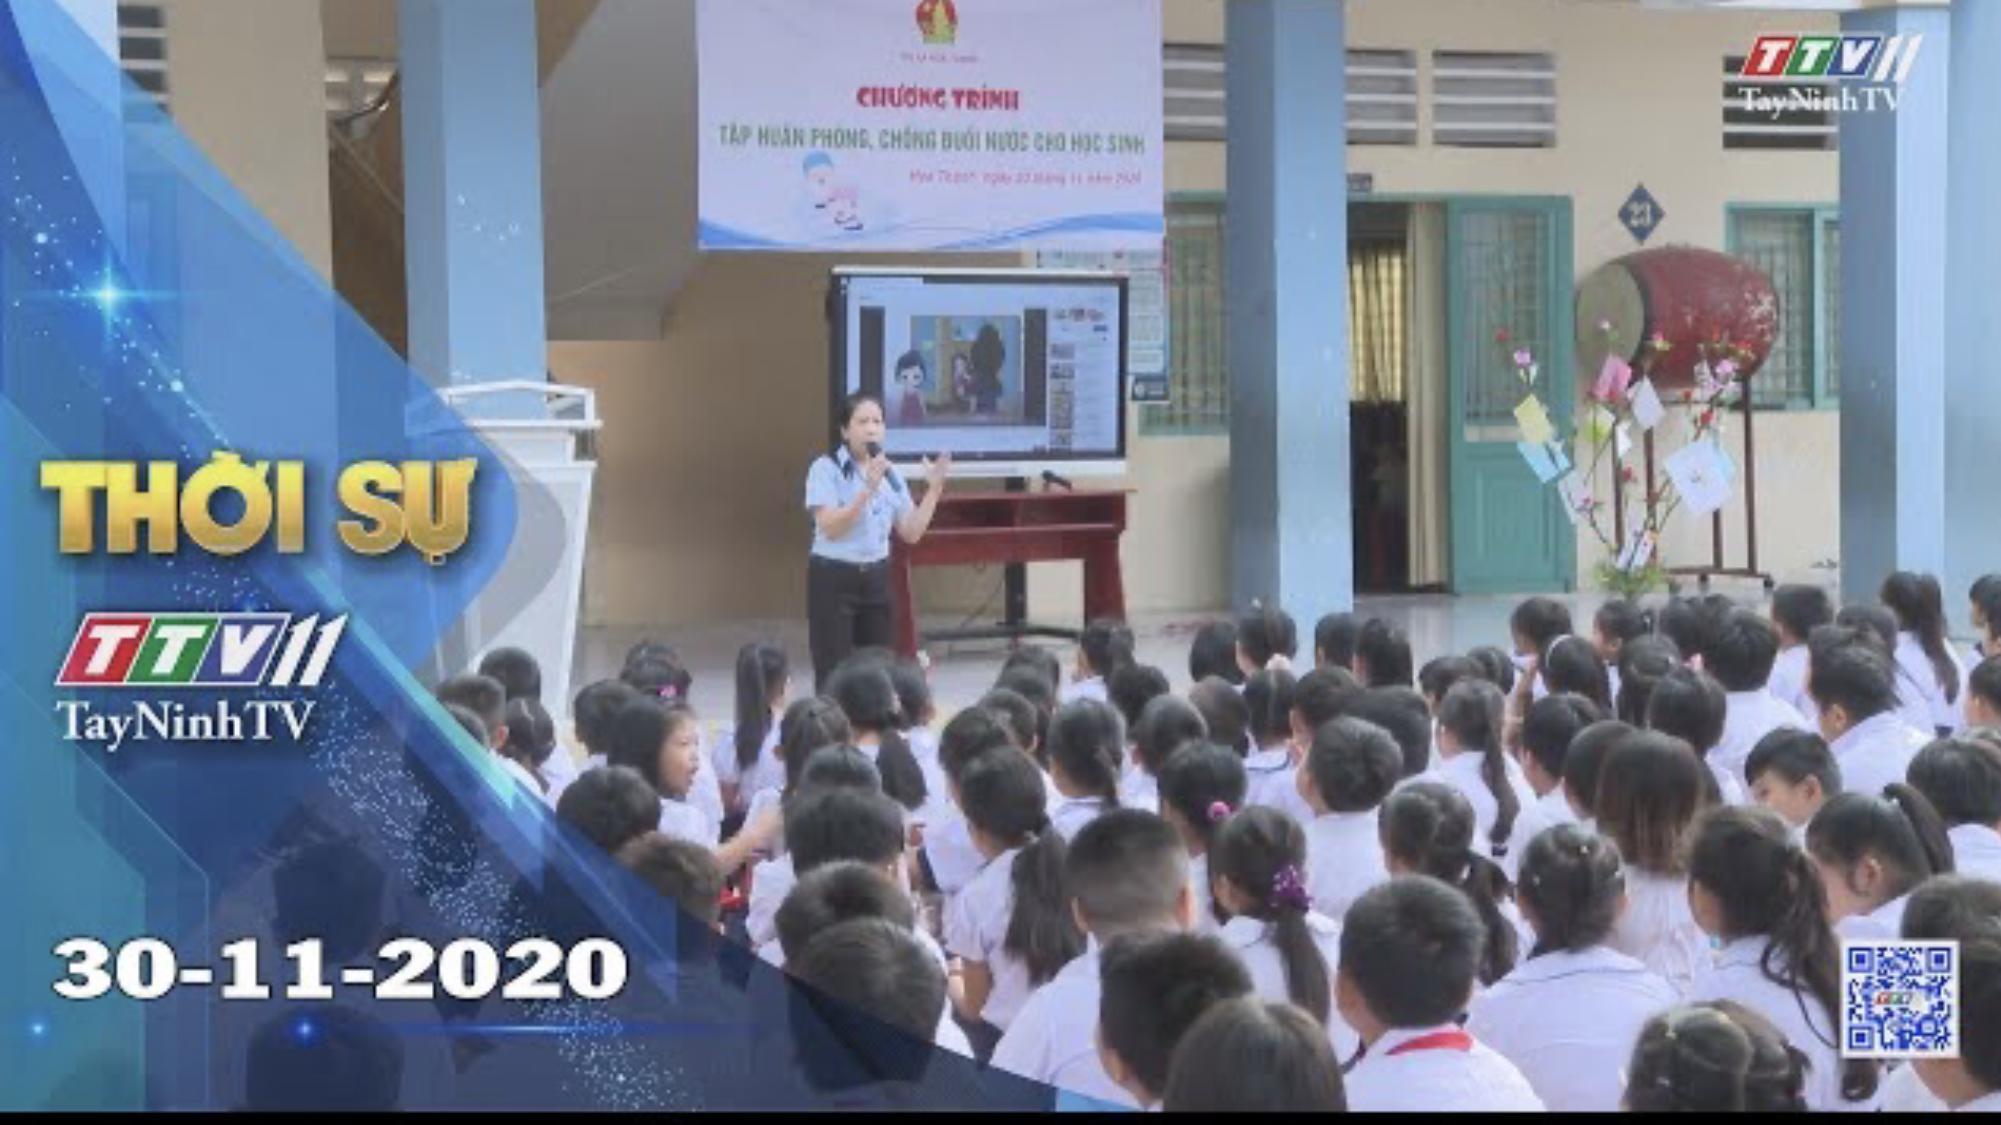 Thời sự Tây Ninh 30-11-2020 | Tin tức hôm nay | TayNinhTV